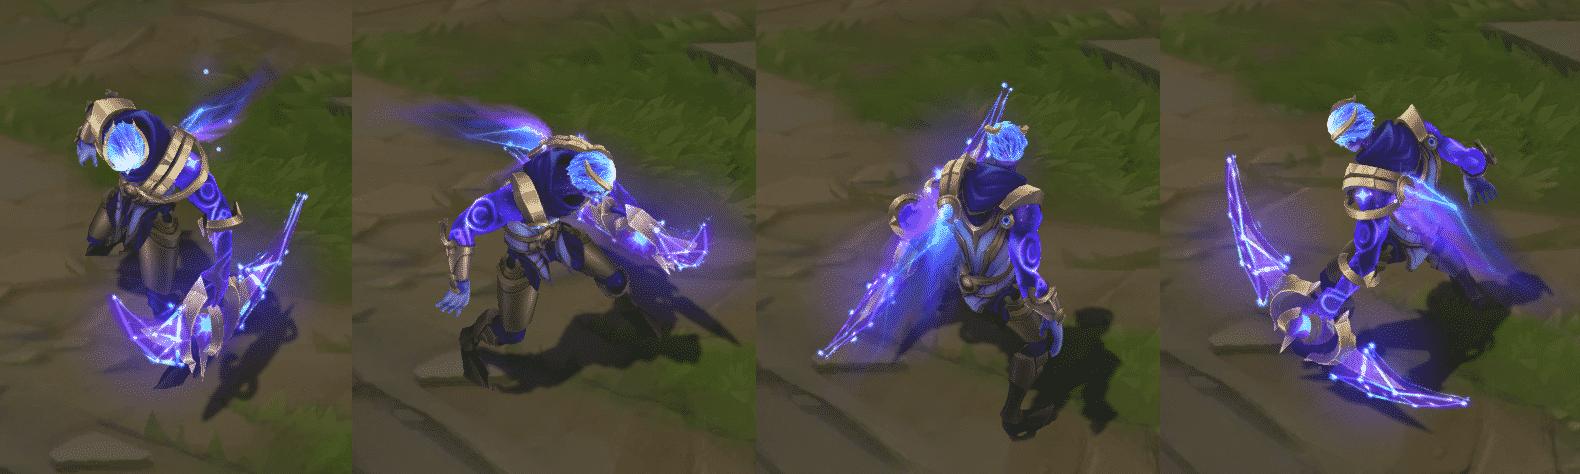 lol-skin-cosmic-hunter-varus